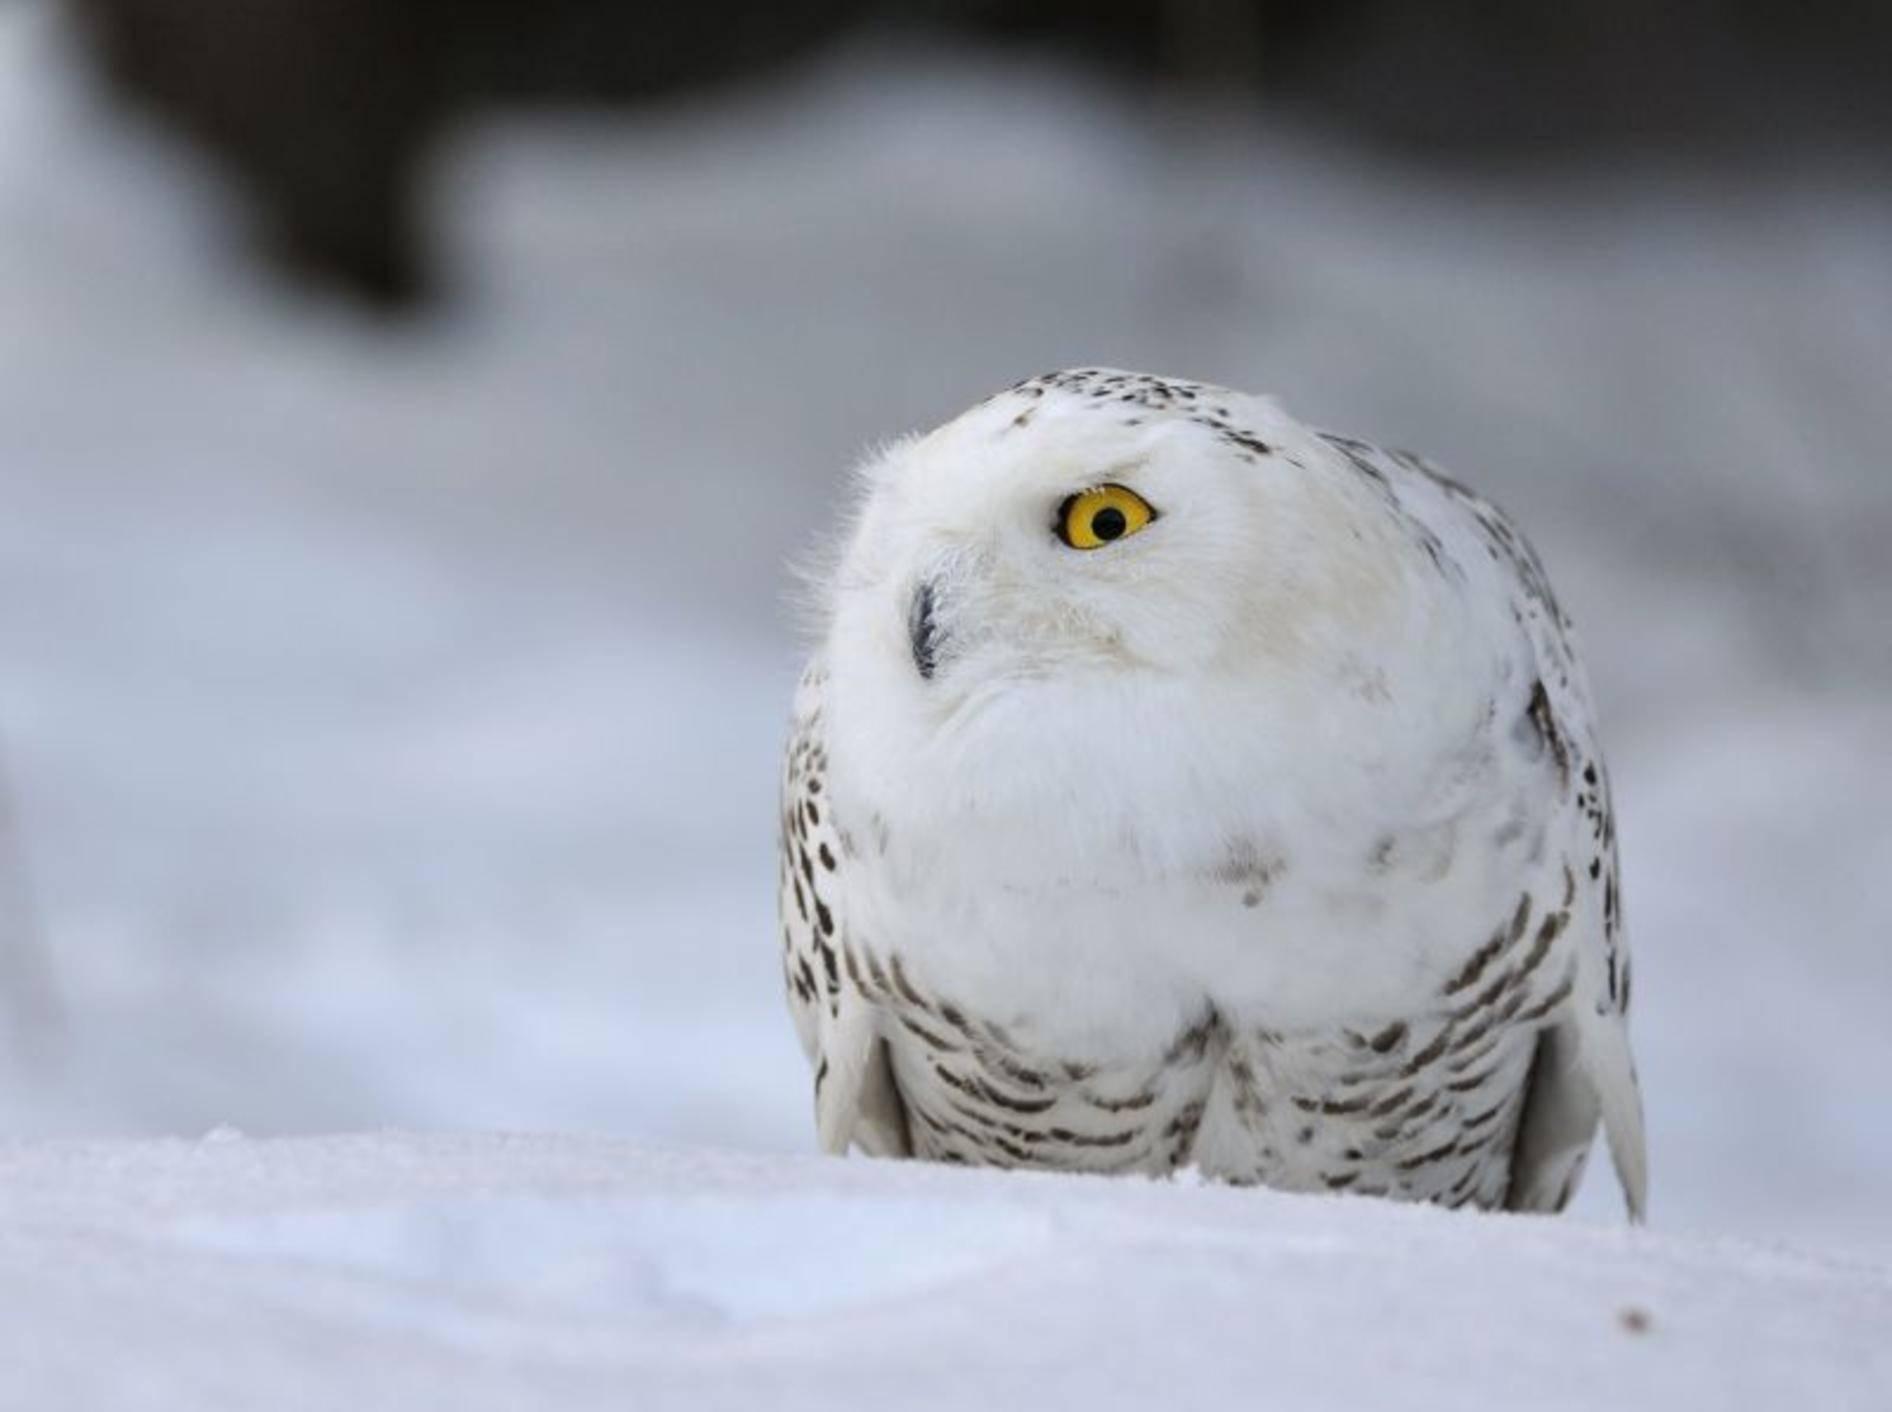 Nur die Augen leuchten: Schneeeule im tiefsten Winter — Bild: Shutterstock / Stanislav Duben